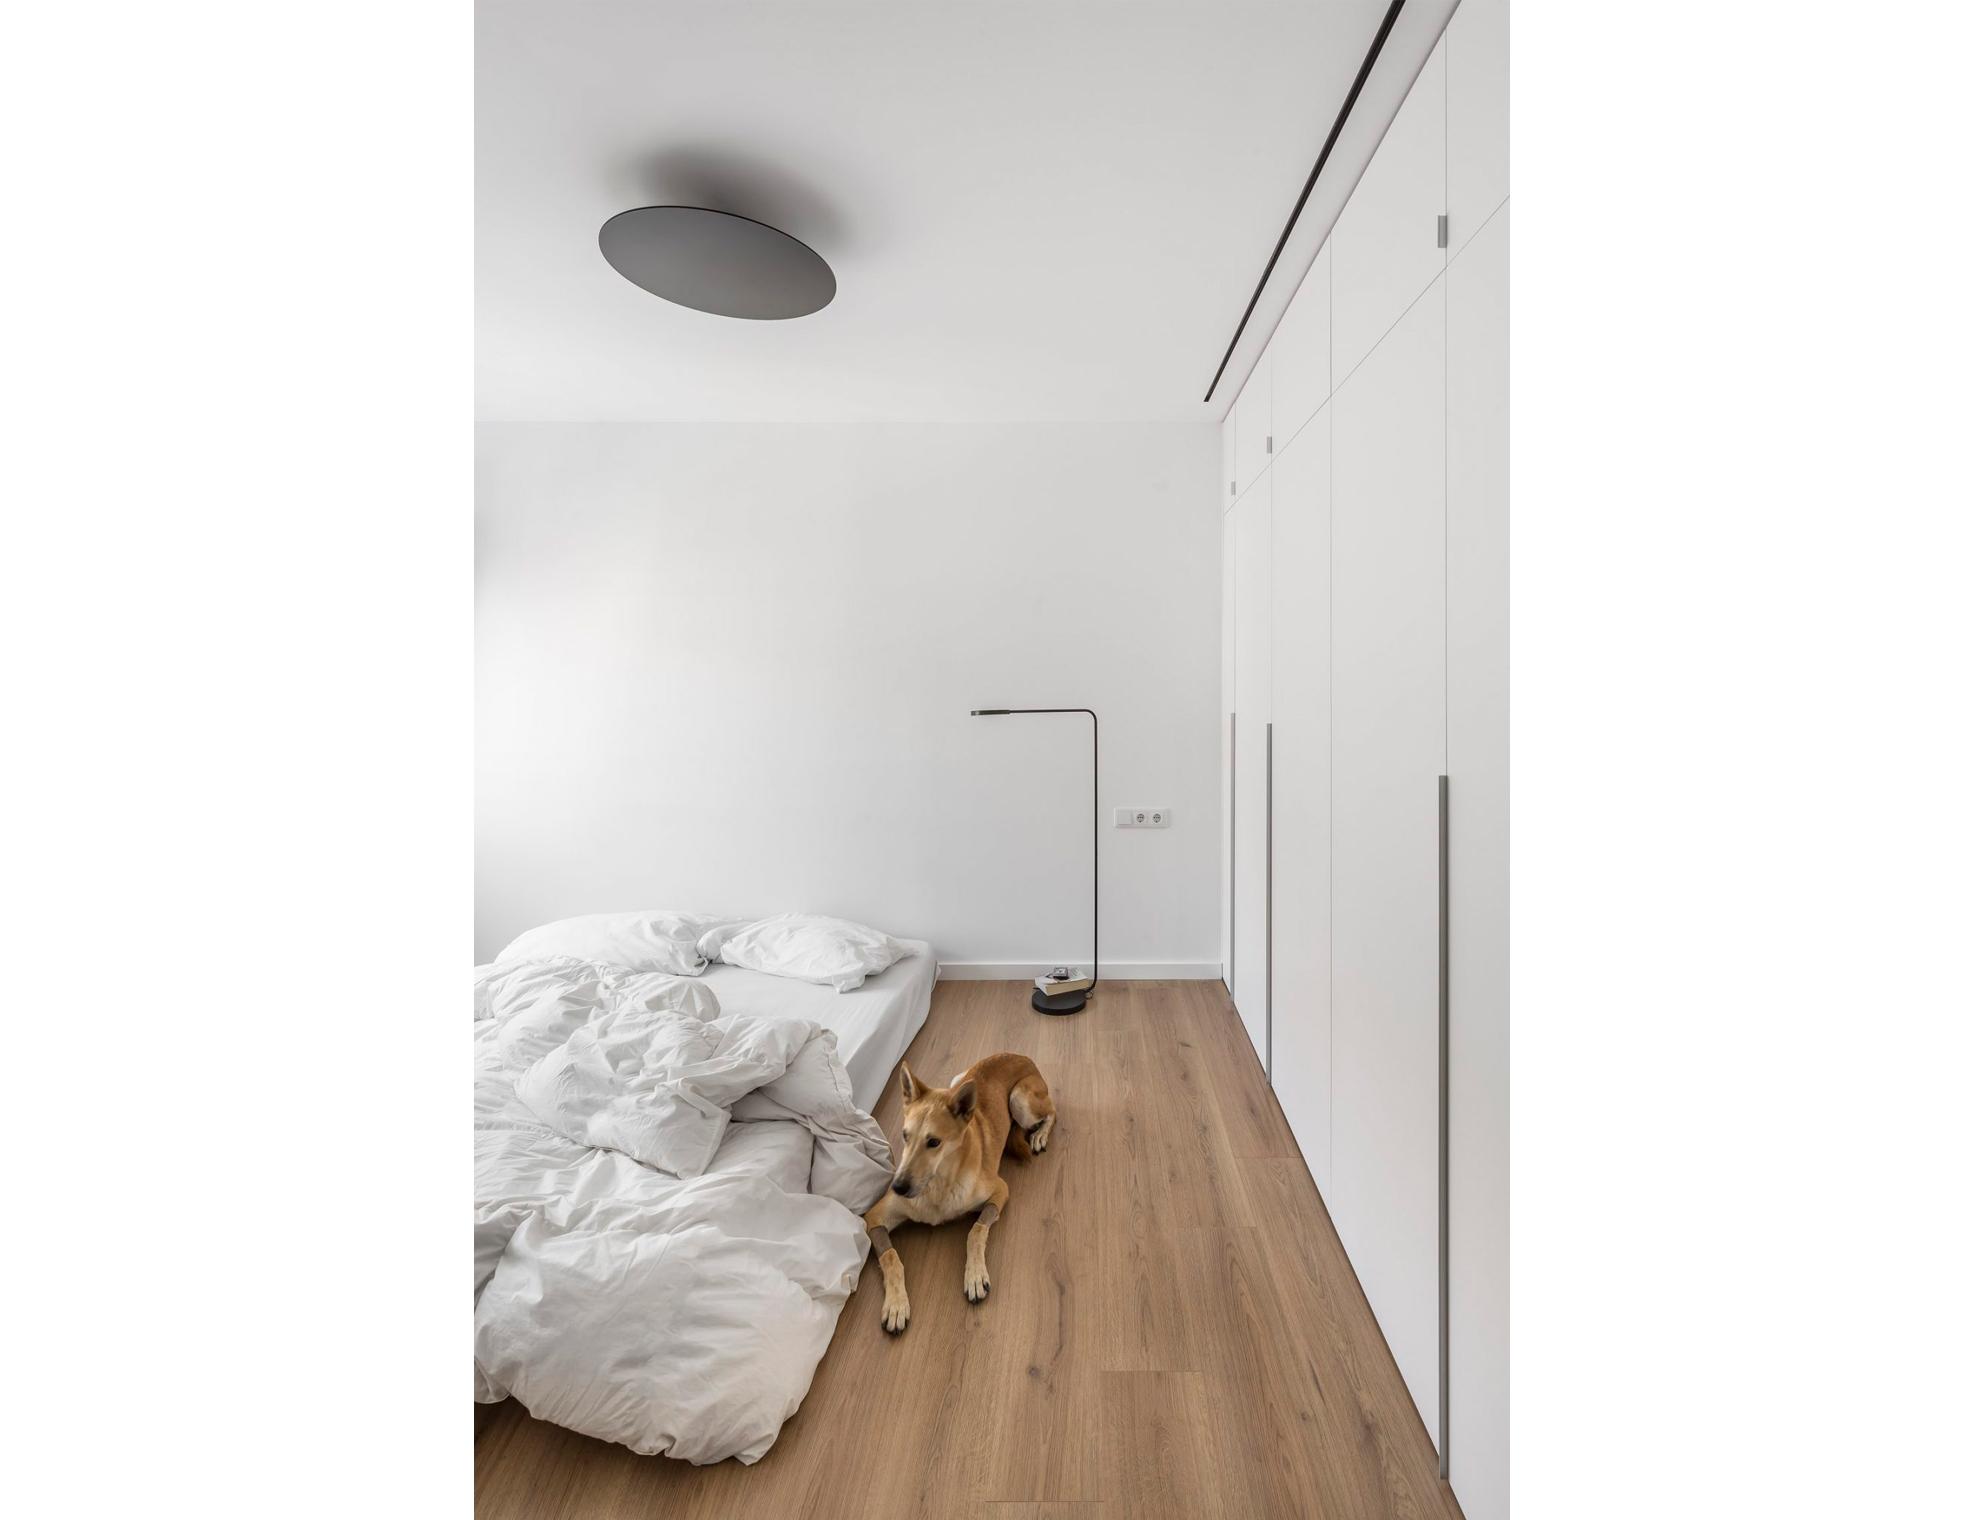 dormitorio con perro